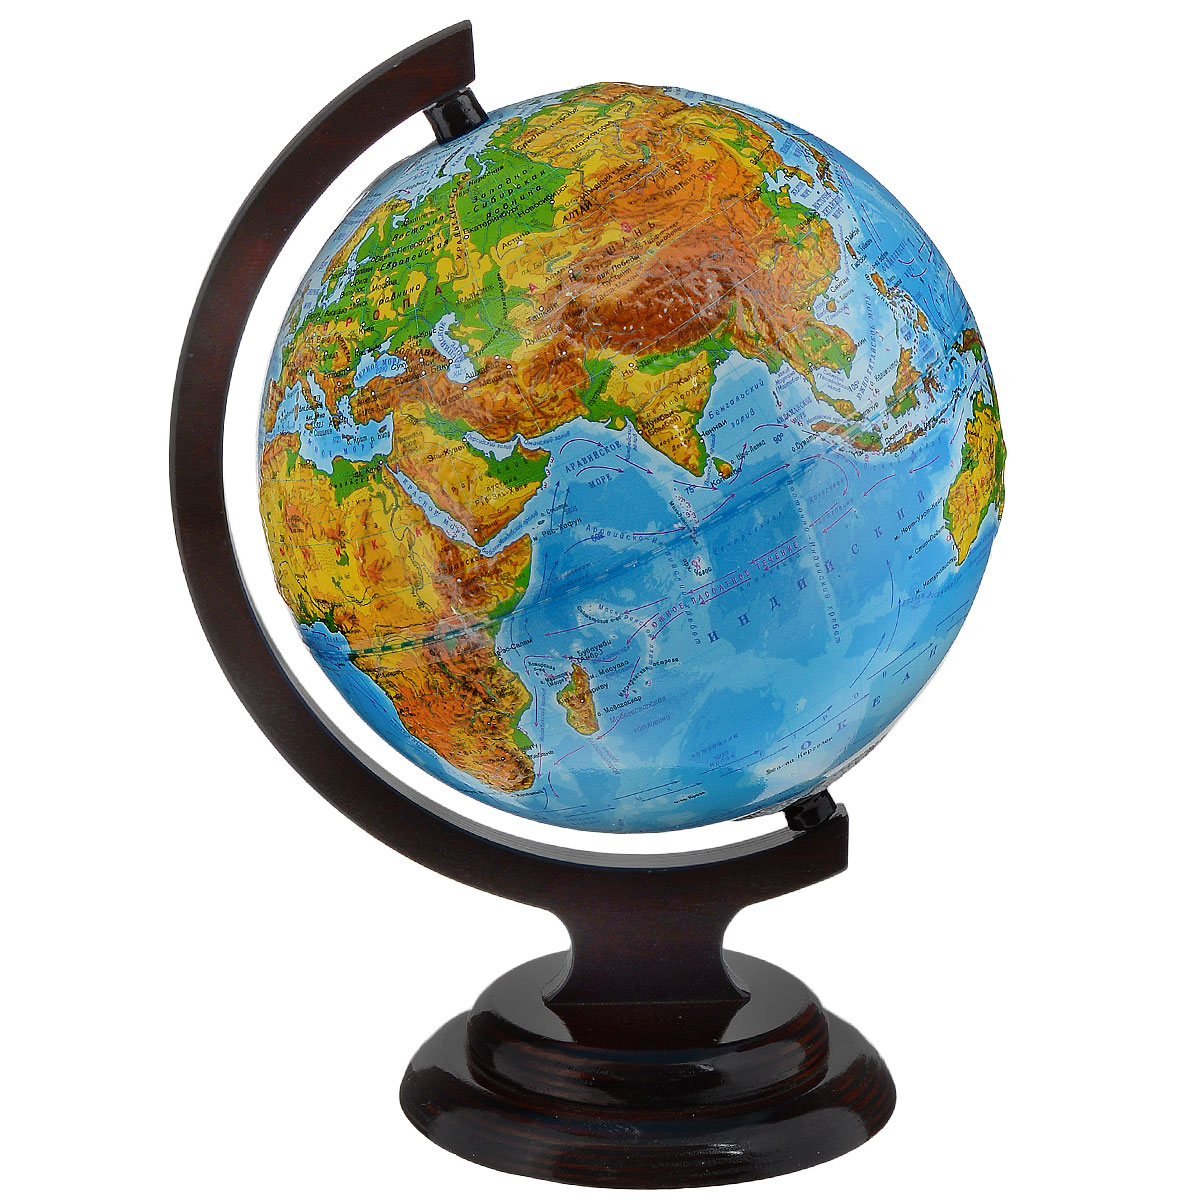 Глобусный мир Глобус с физической картой, рельефный, диаметр 21 см, на деревянной подставке